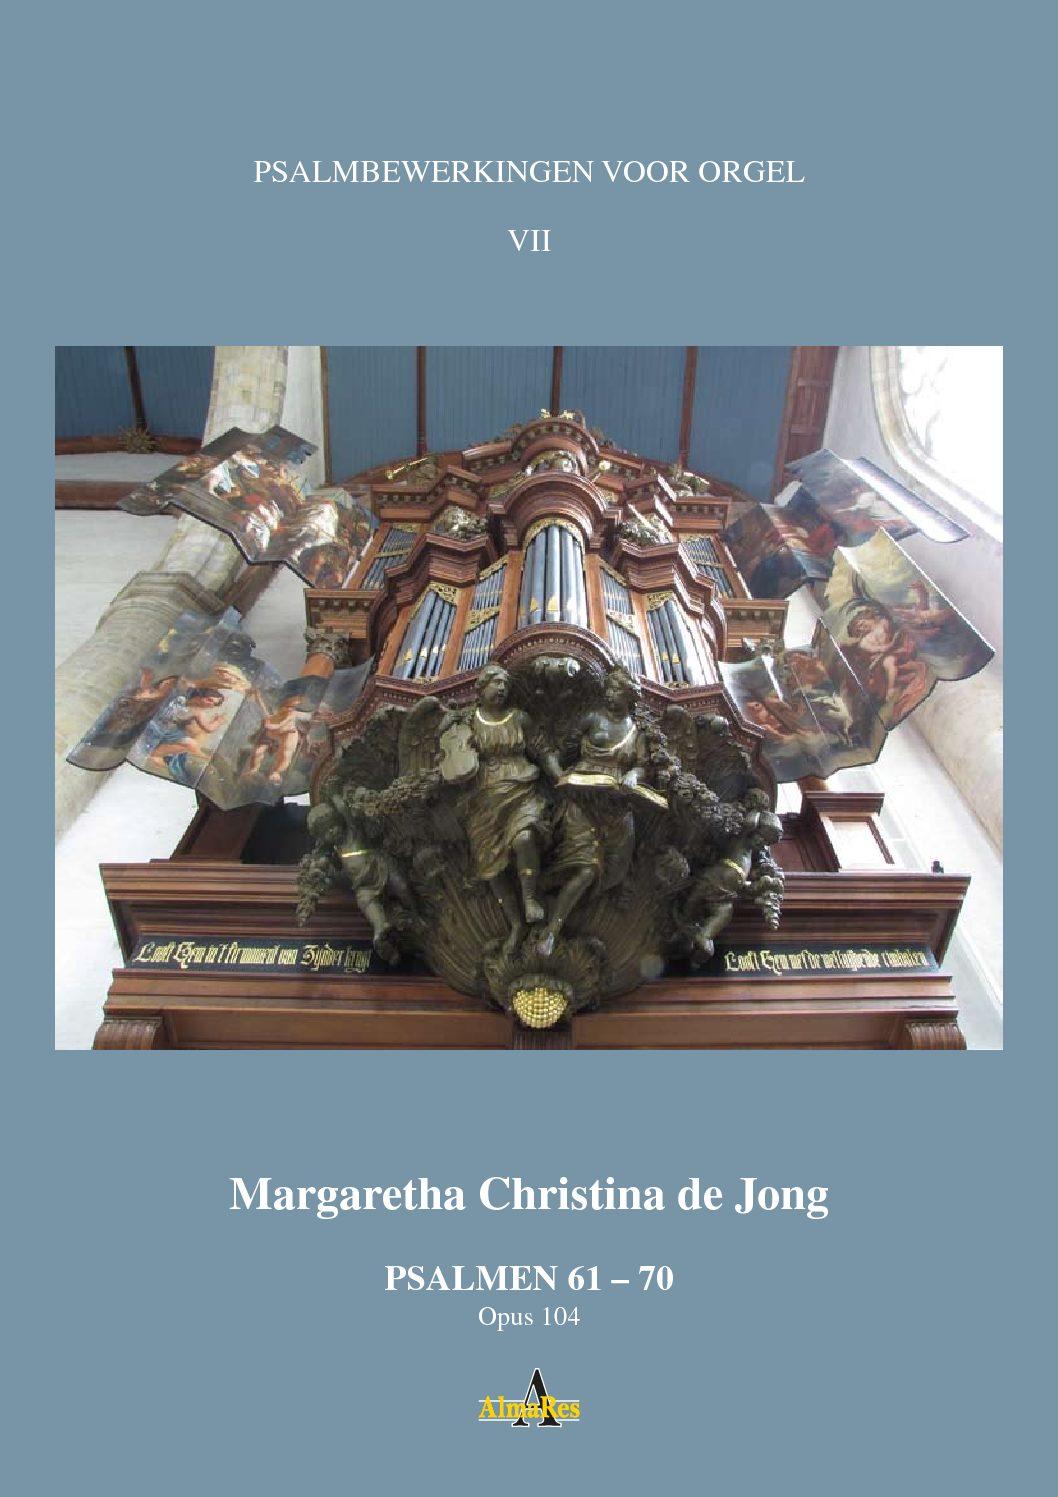 Psalmbewerkingen voor Orgel VII